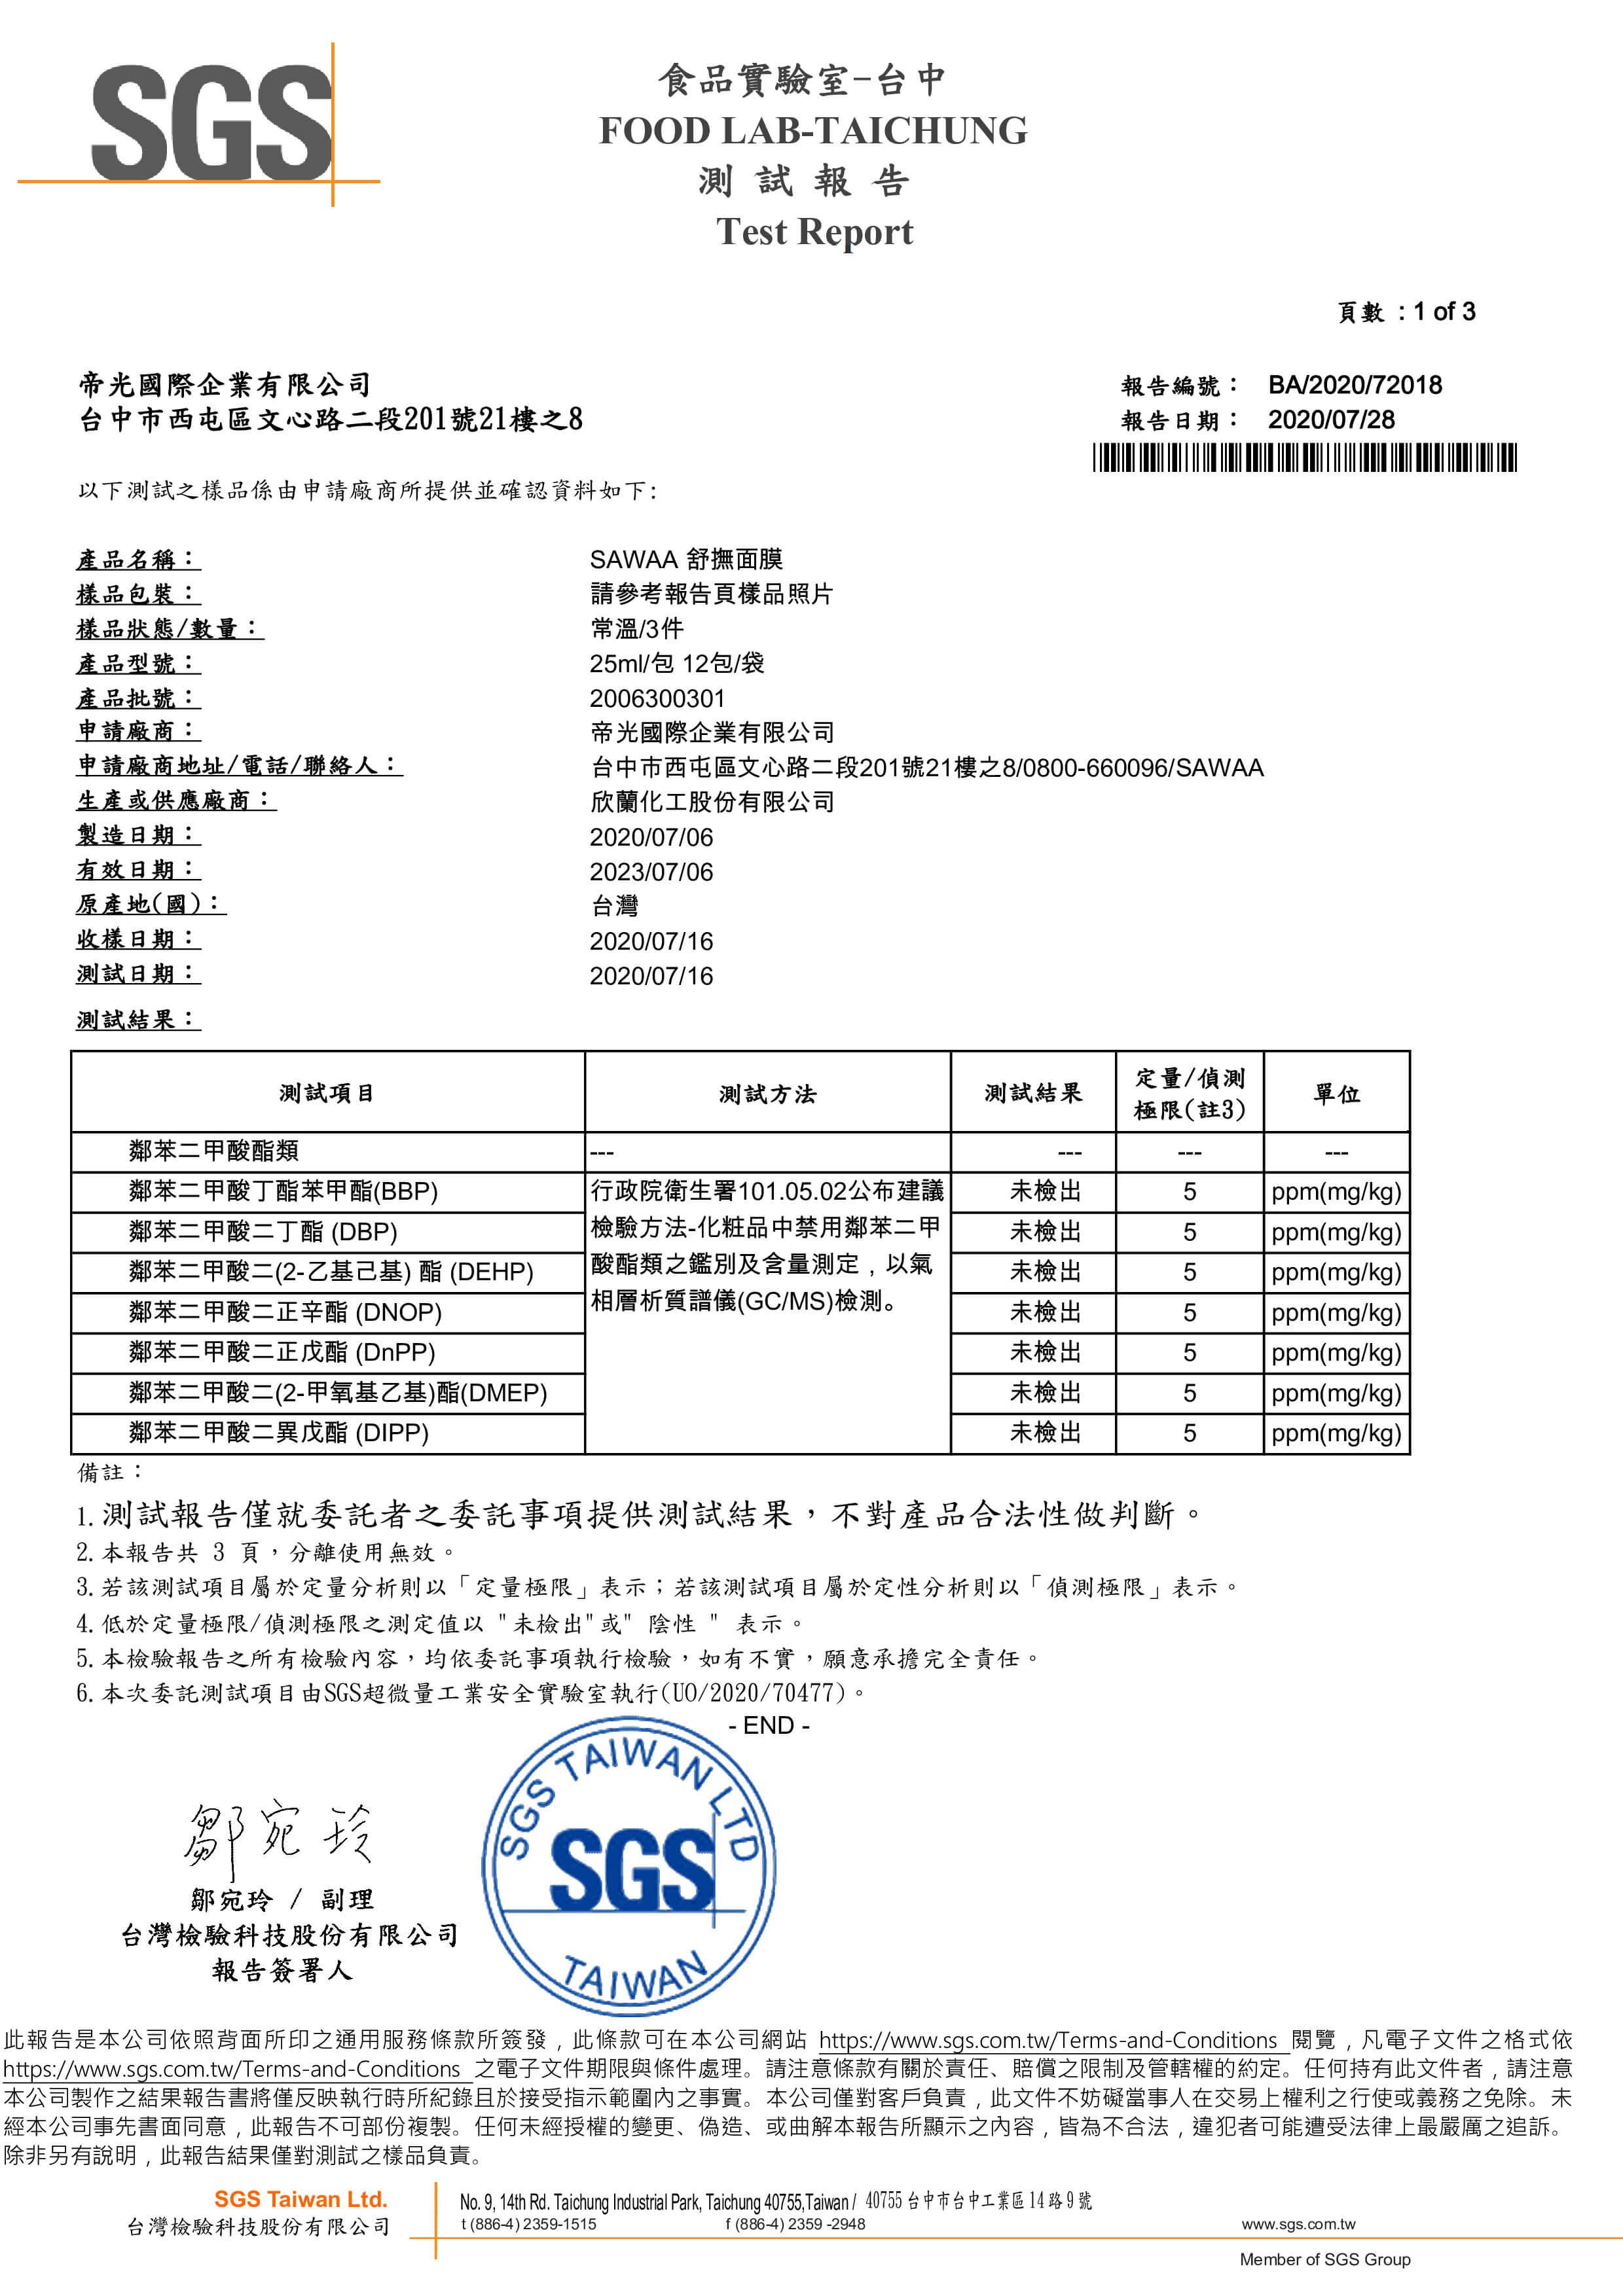 SGS檢驗報告 No.2 p1-3